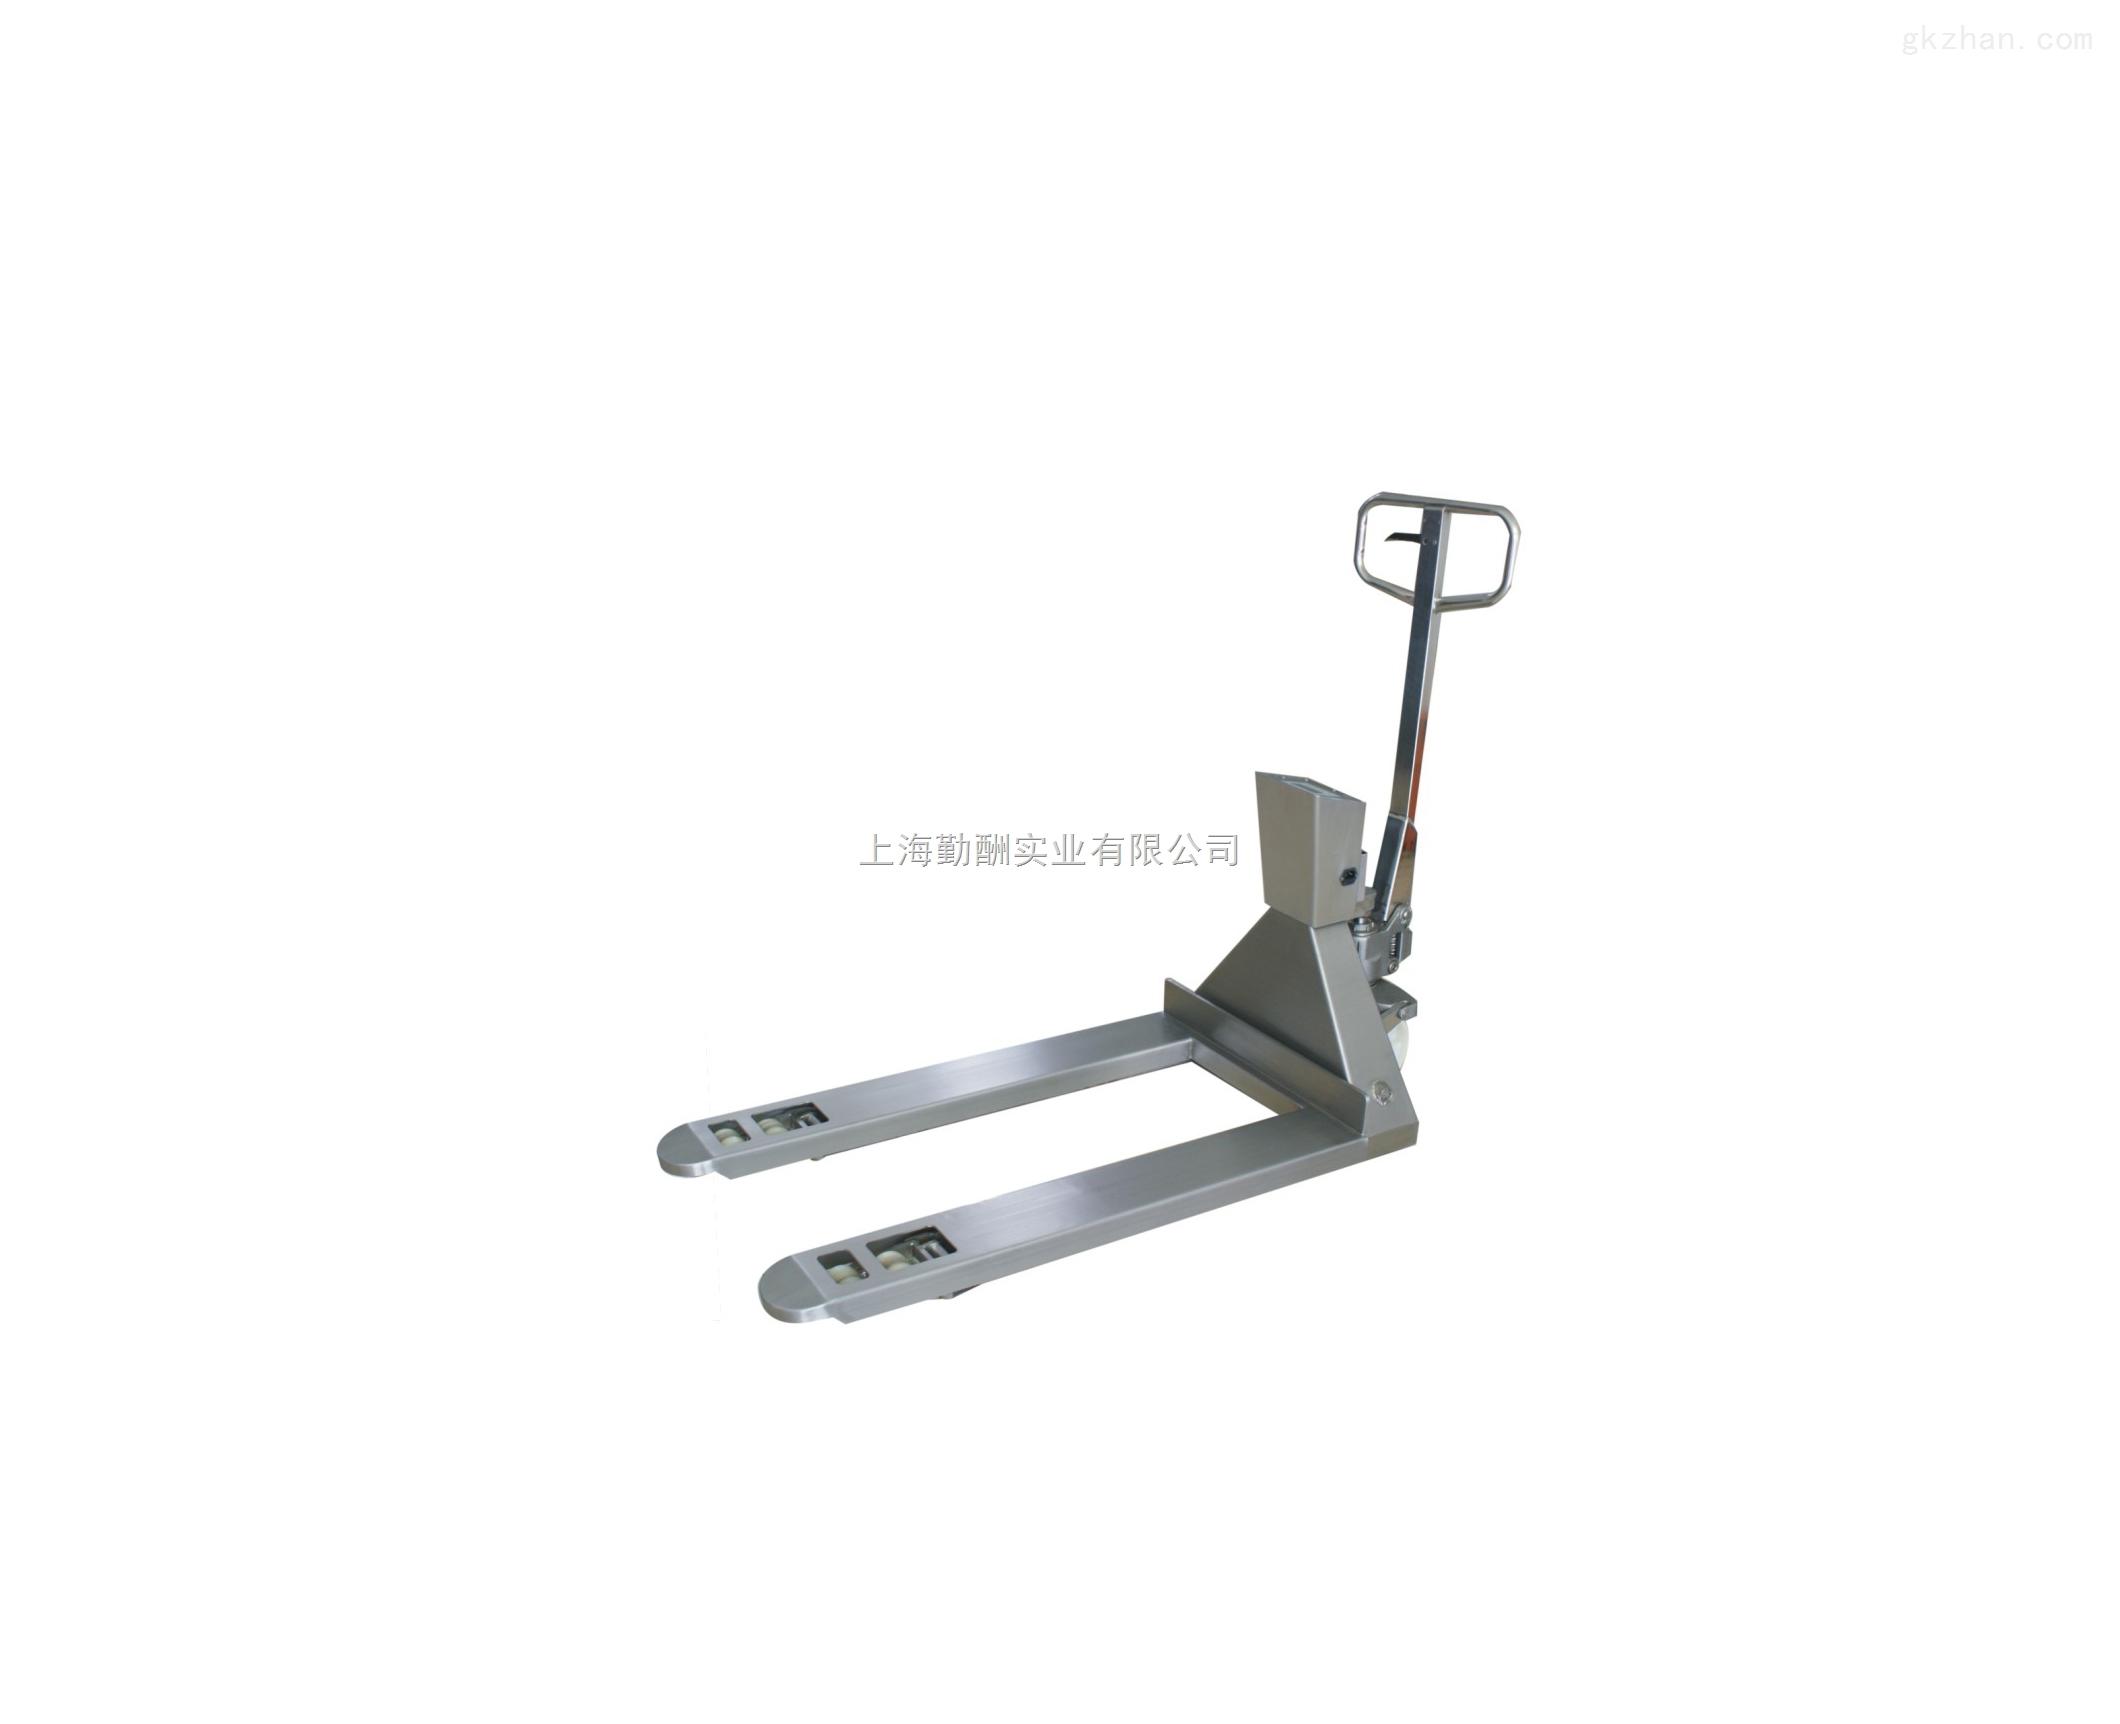 给力2011上海生产的3吨电子叉车秤/3吨电子叉车秤价格